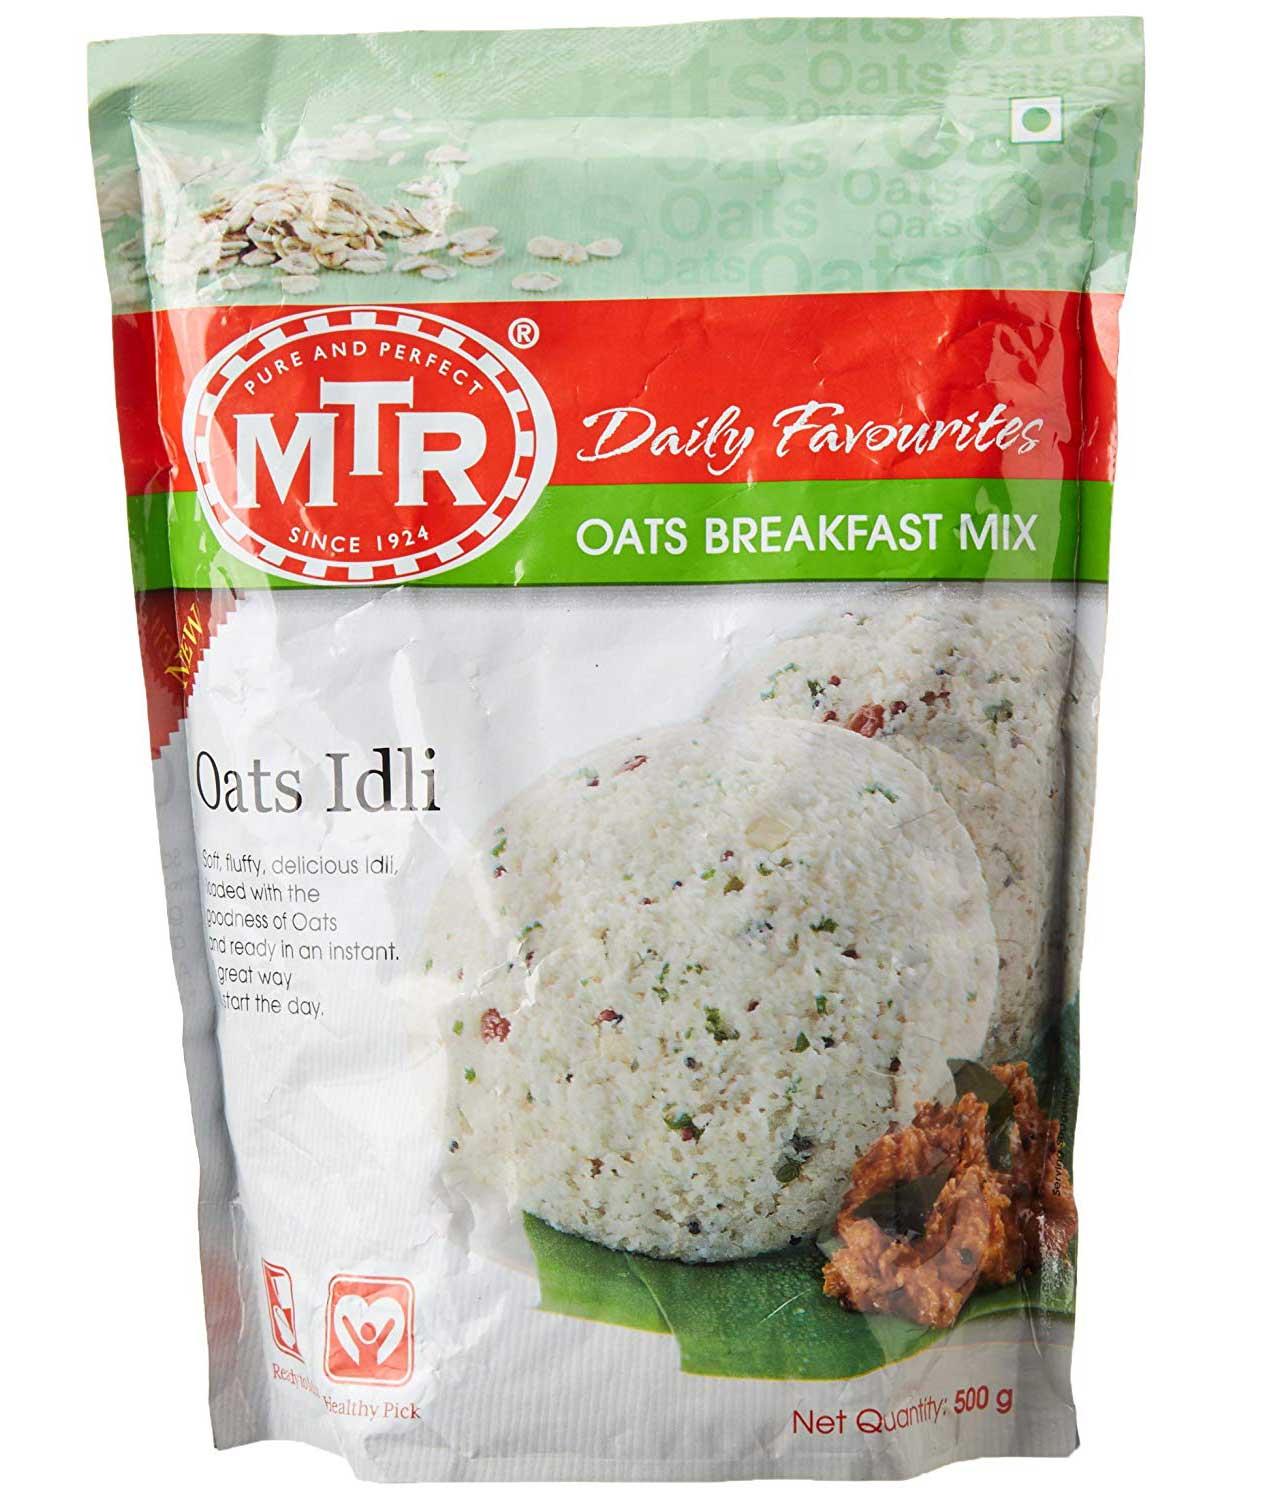 MTR Oats Idli Breakfast Mix, 500g